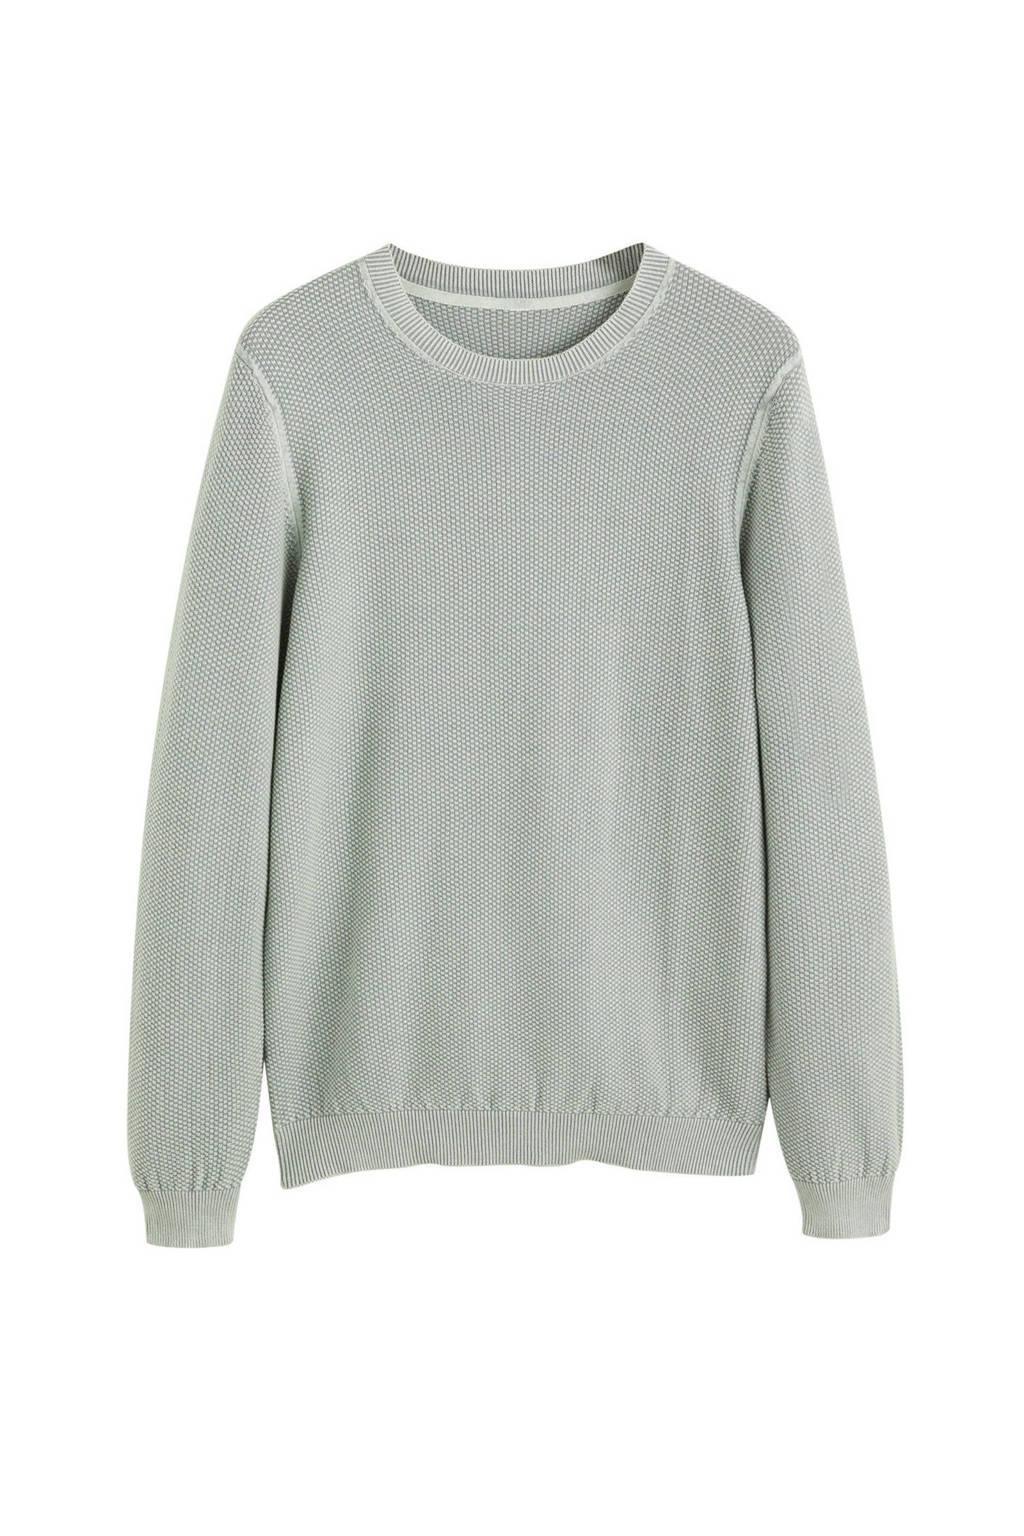 Mango Man trui met textuur grijs, Grijs